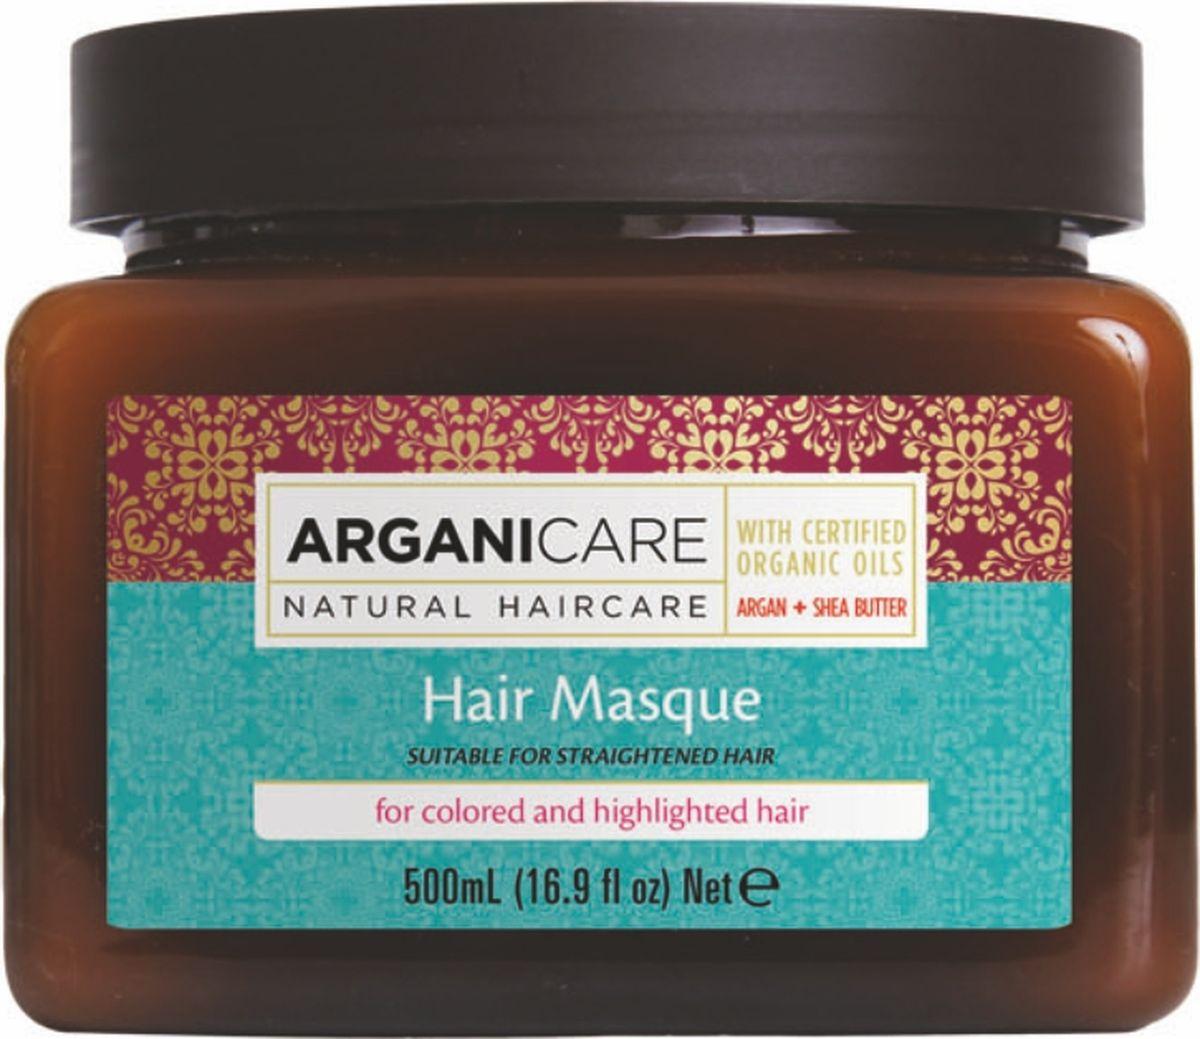 Arganicare Маска для окрашенных и обесцвеченных волос с аргановым маслом Arganicare, 500 млAr4604Масло арганы (марокканское масло) - увлажняет в 4 раза эффективнее, чем масло оливы!Способно мгновенно улучшить внешний вид очень сухих волос: смягчает жесткие волосы, делает их эластичными, послушными, легко расчесывающимися. Маст хэв для волос после окрашивания и химической завивки! - идеальна в качестве восстанавливающего средства для ослабленных и повреждённых окрашиванием или мелированием волос; - волосы становятся живыми, блестящими и более устойчивыми к внешнему воздействию.